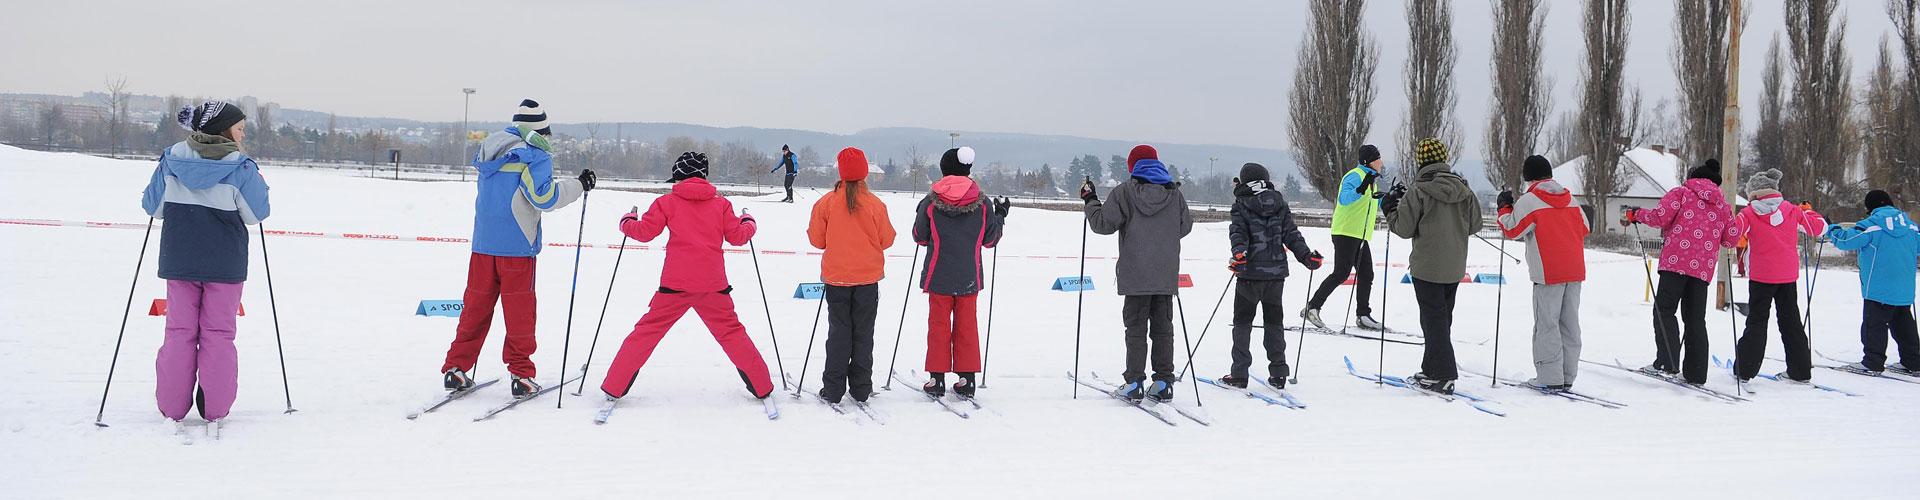 Skipark Praha